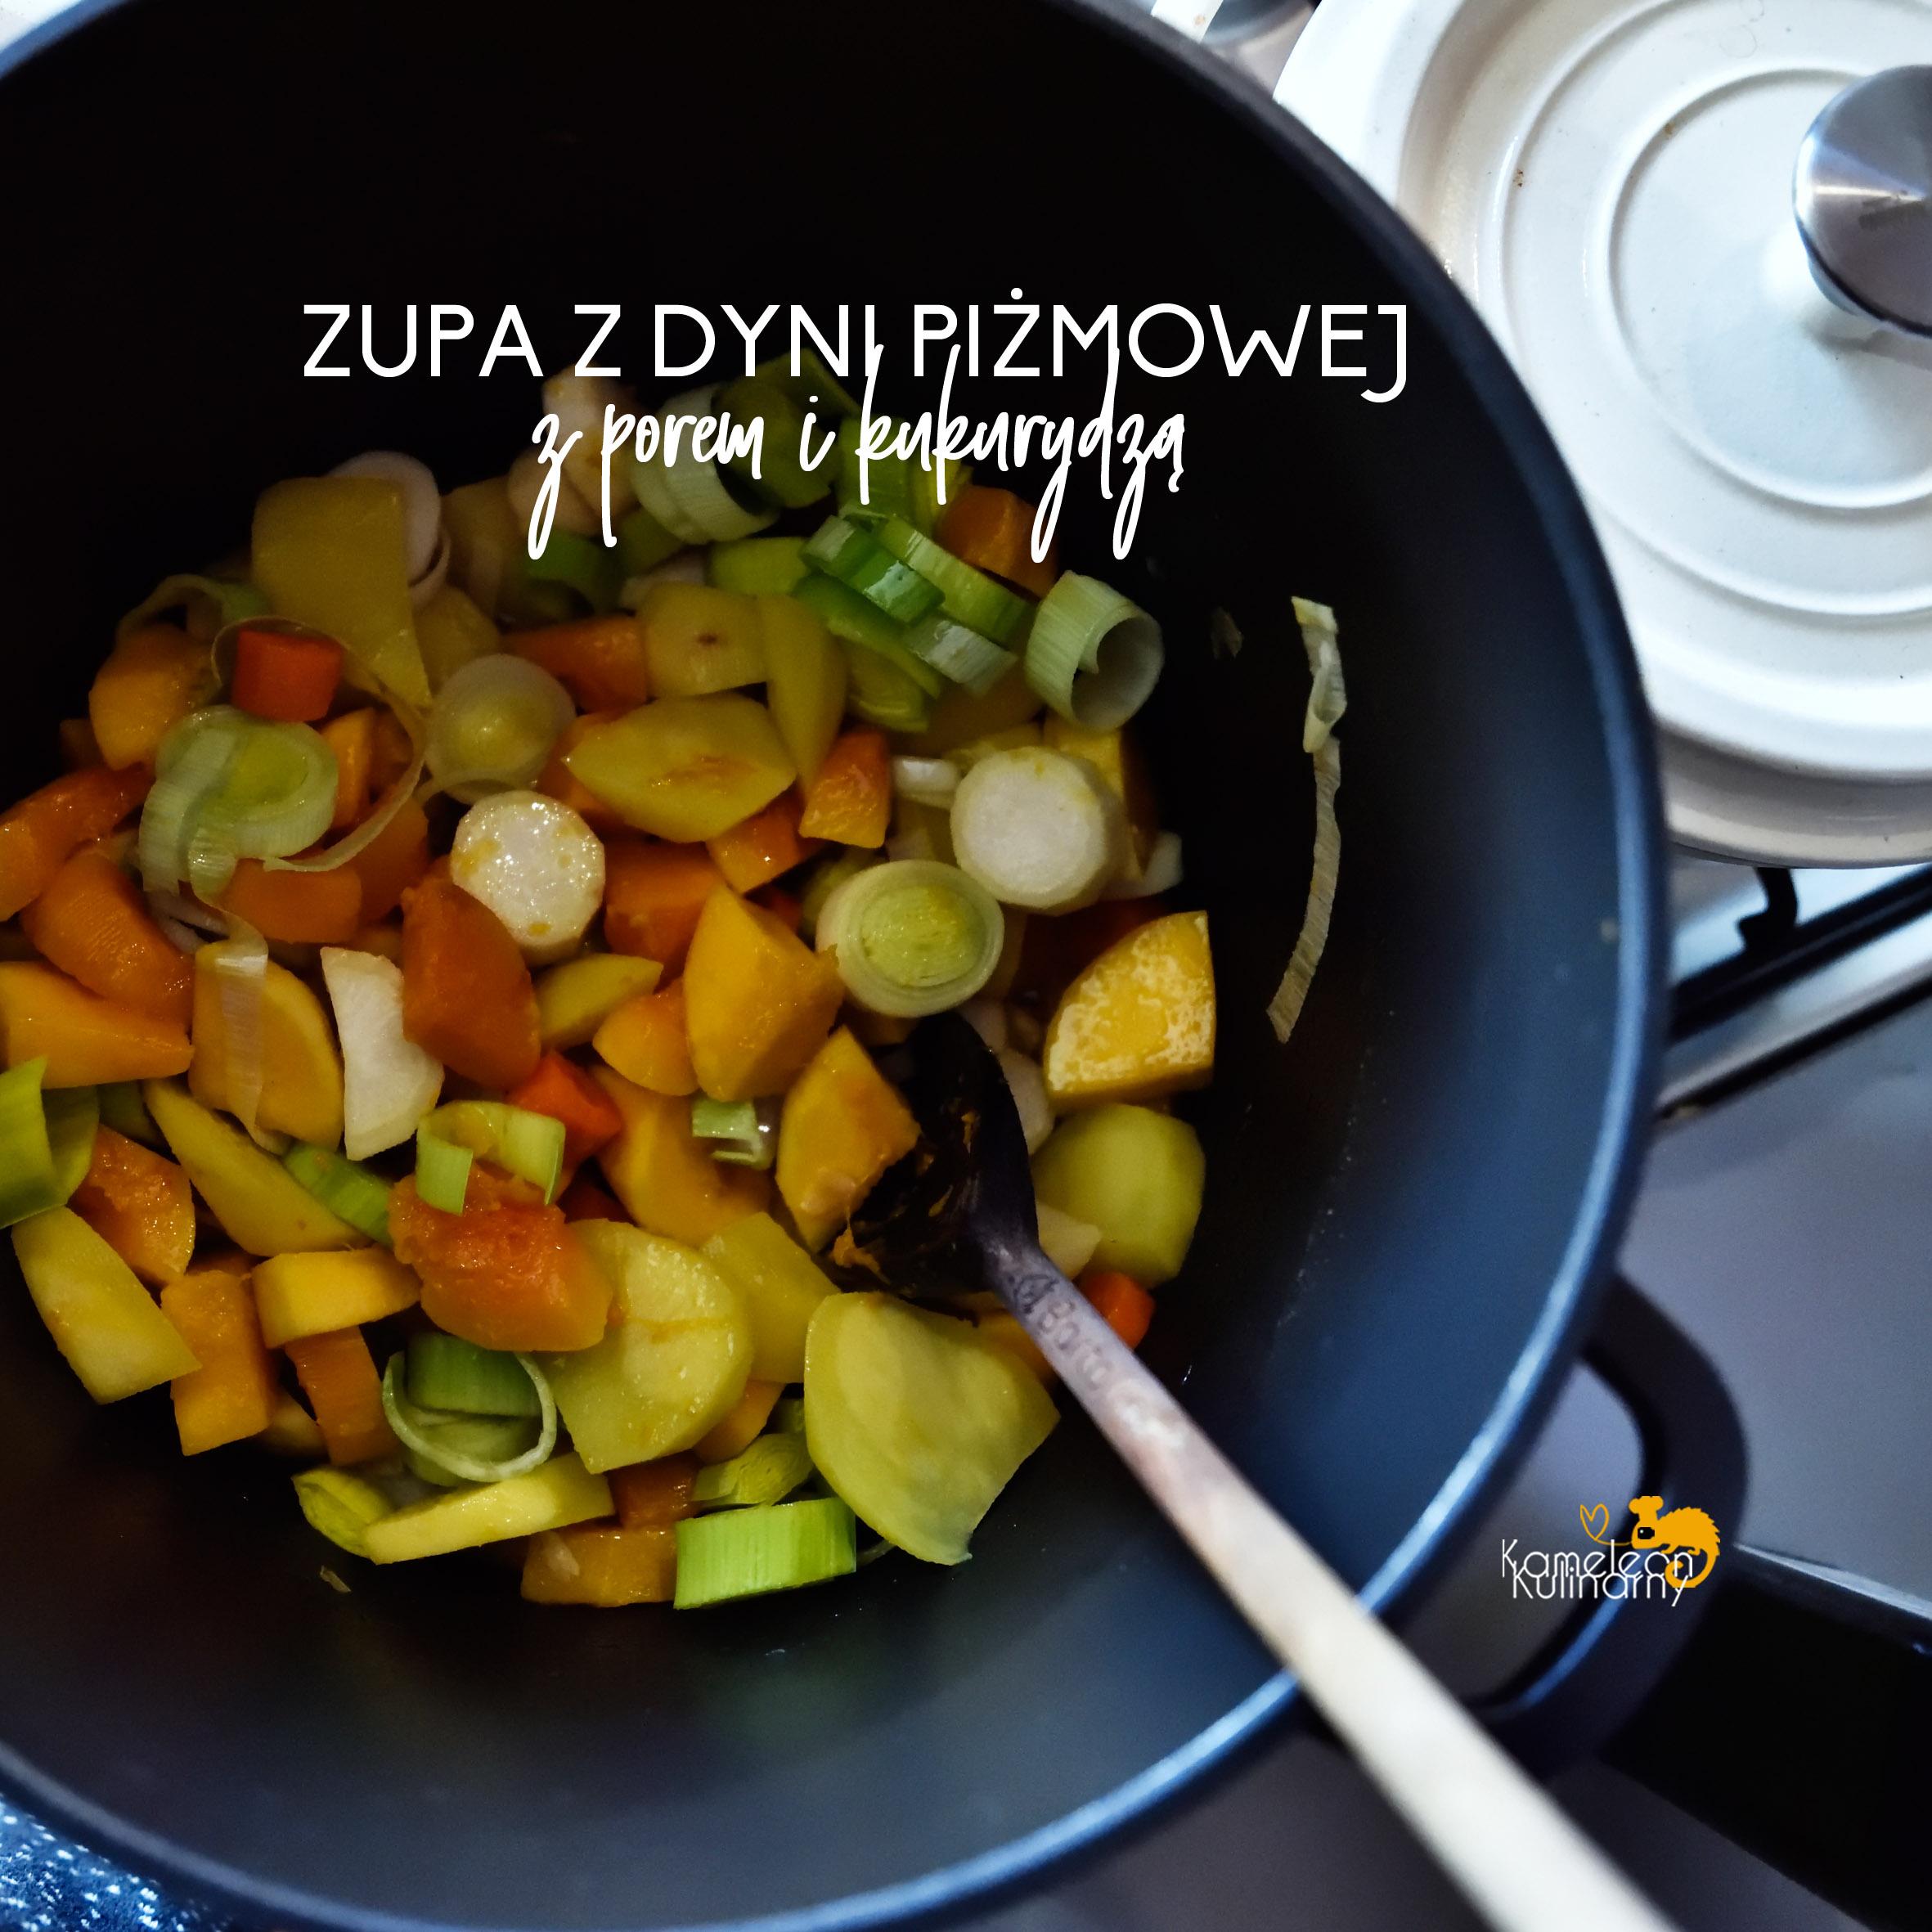 Zupa krem Z DYNI PIŻMOWEJ z porem i kukurydzą